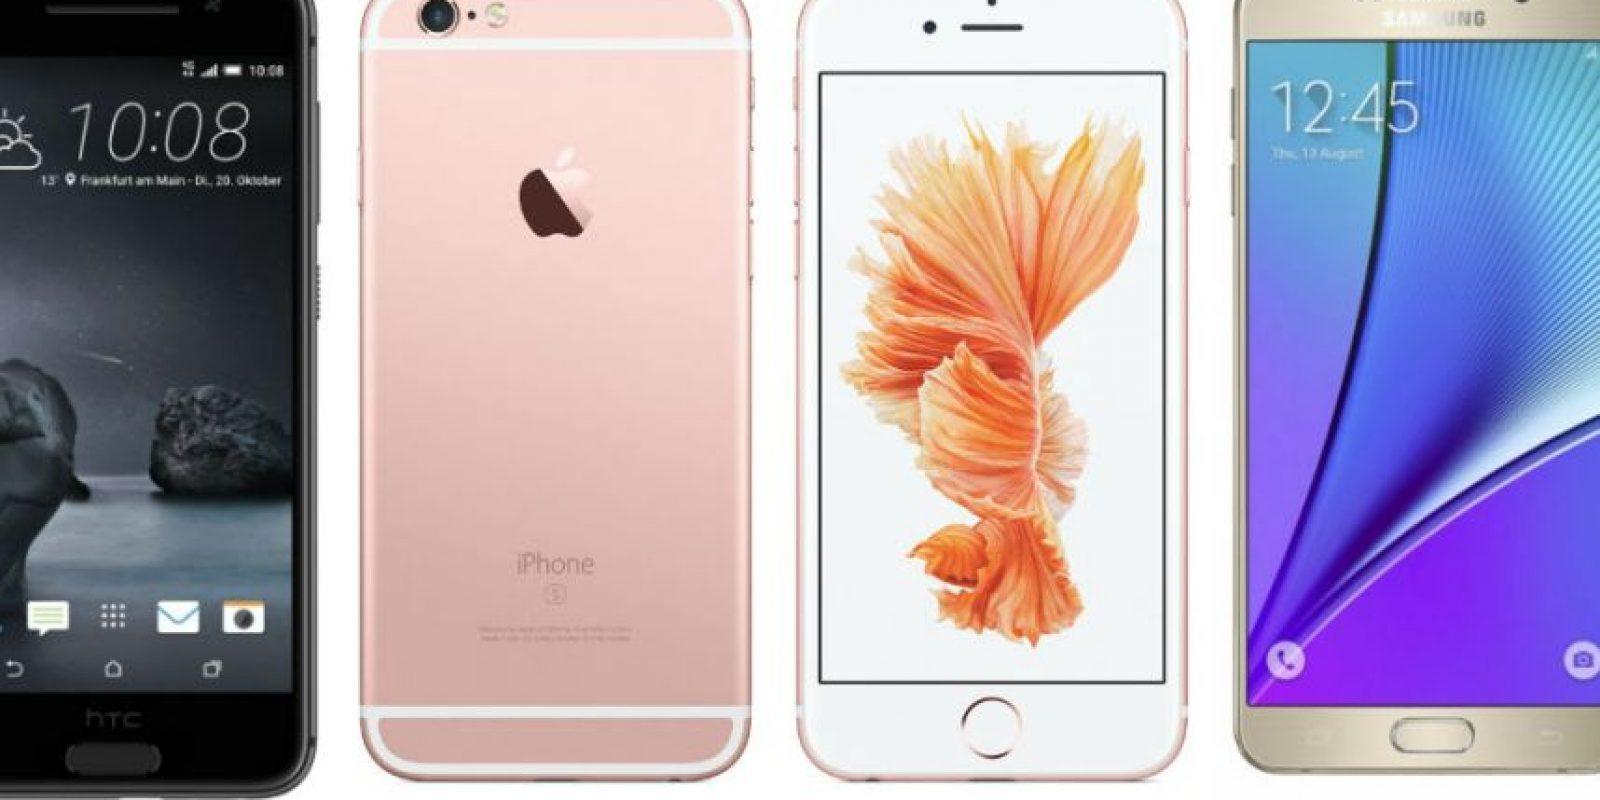 Estos son los smartphones más deseados. Foto:HTC/Apple/Samsung